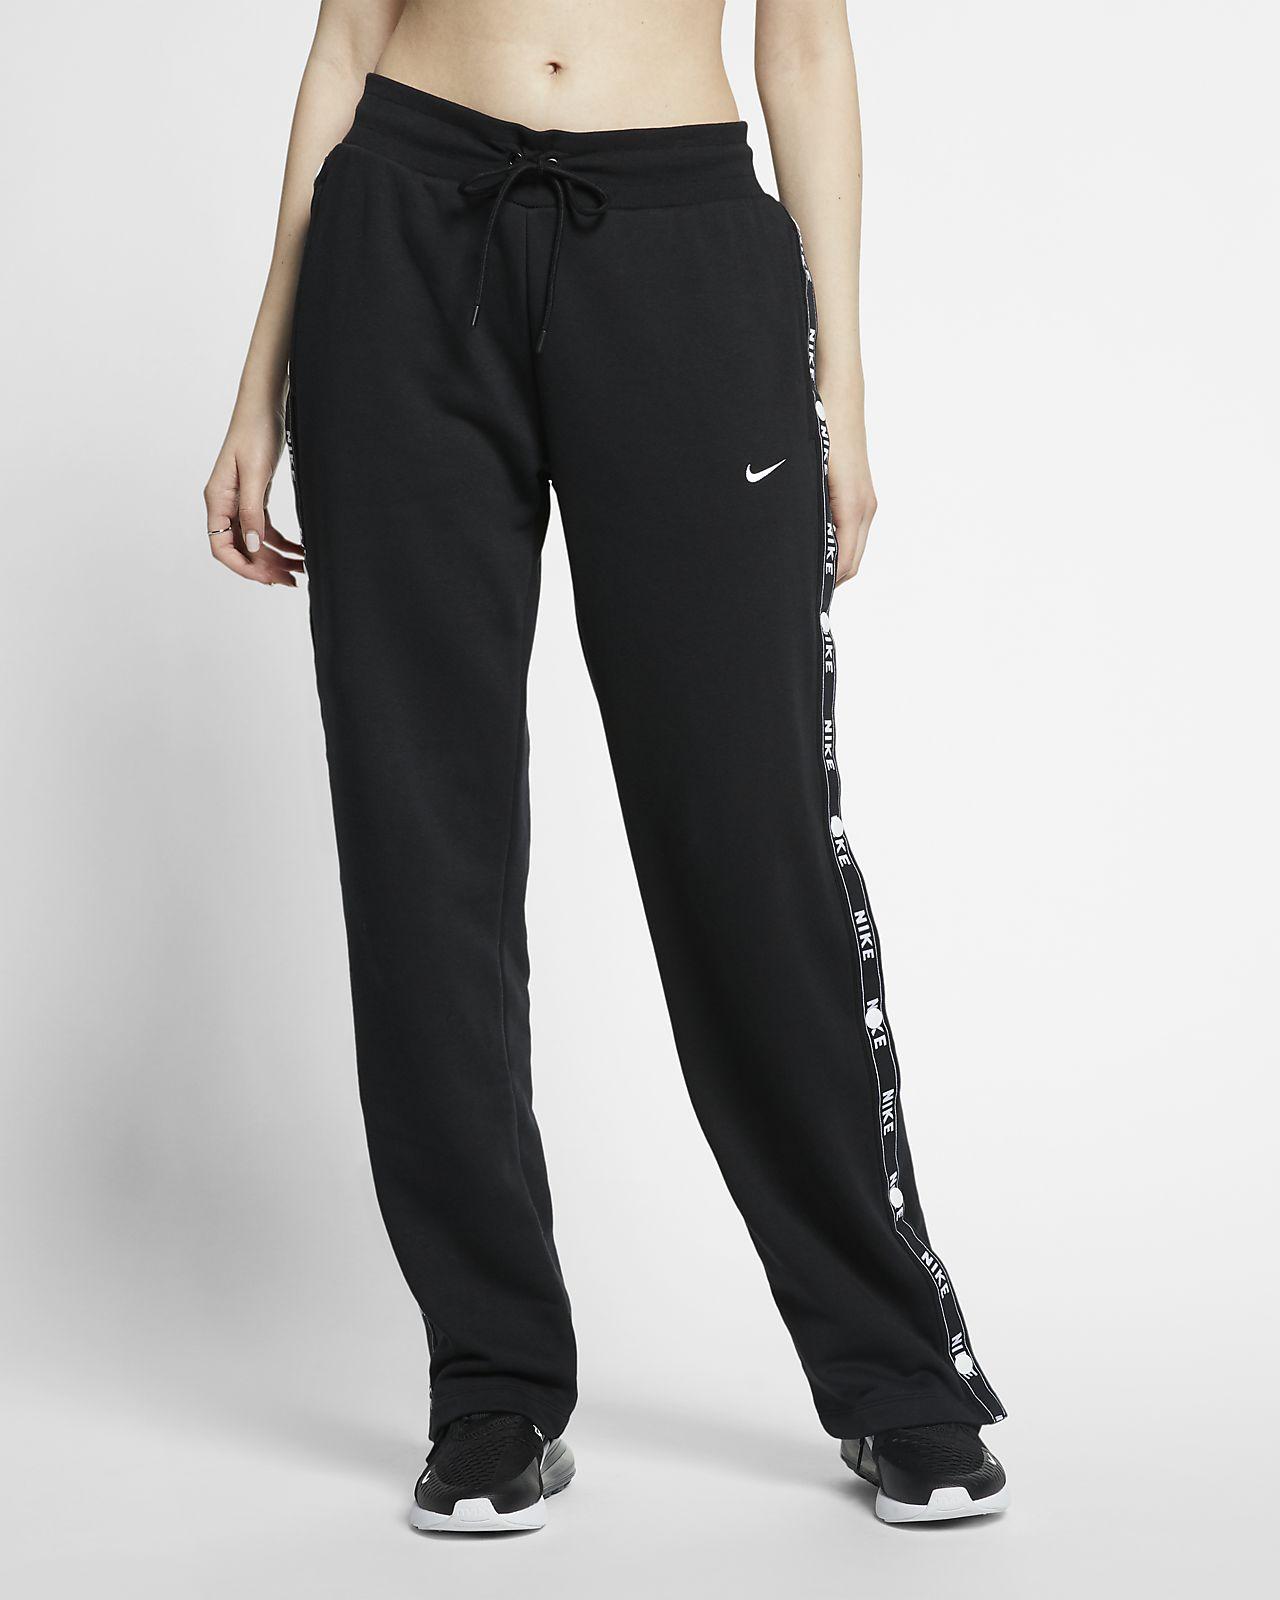 424d819c Nike Sportswear-bukser med logo til kvinder. Nike.com DK